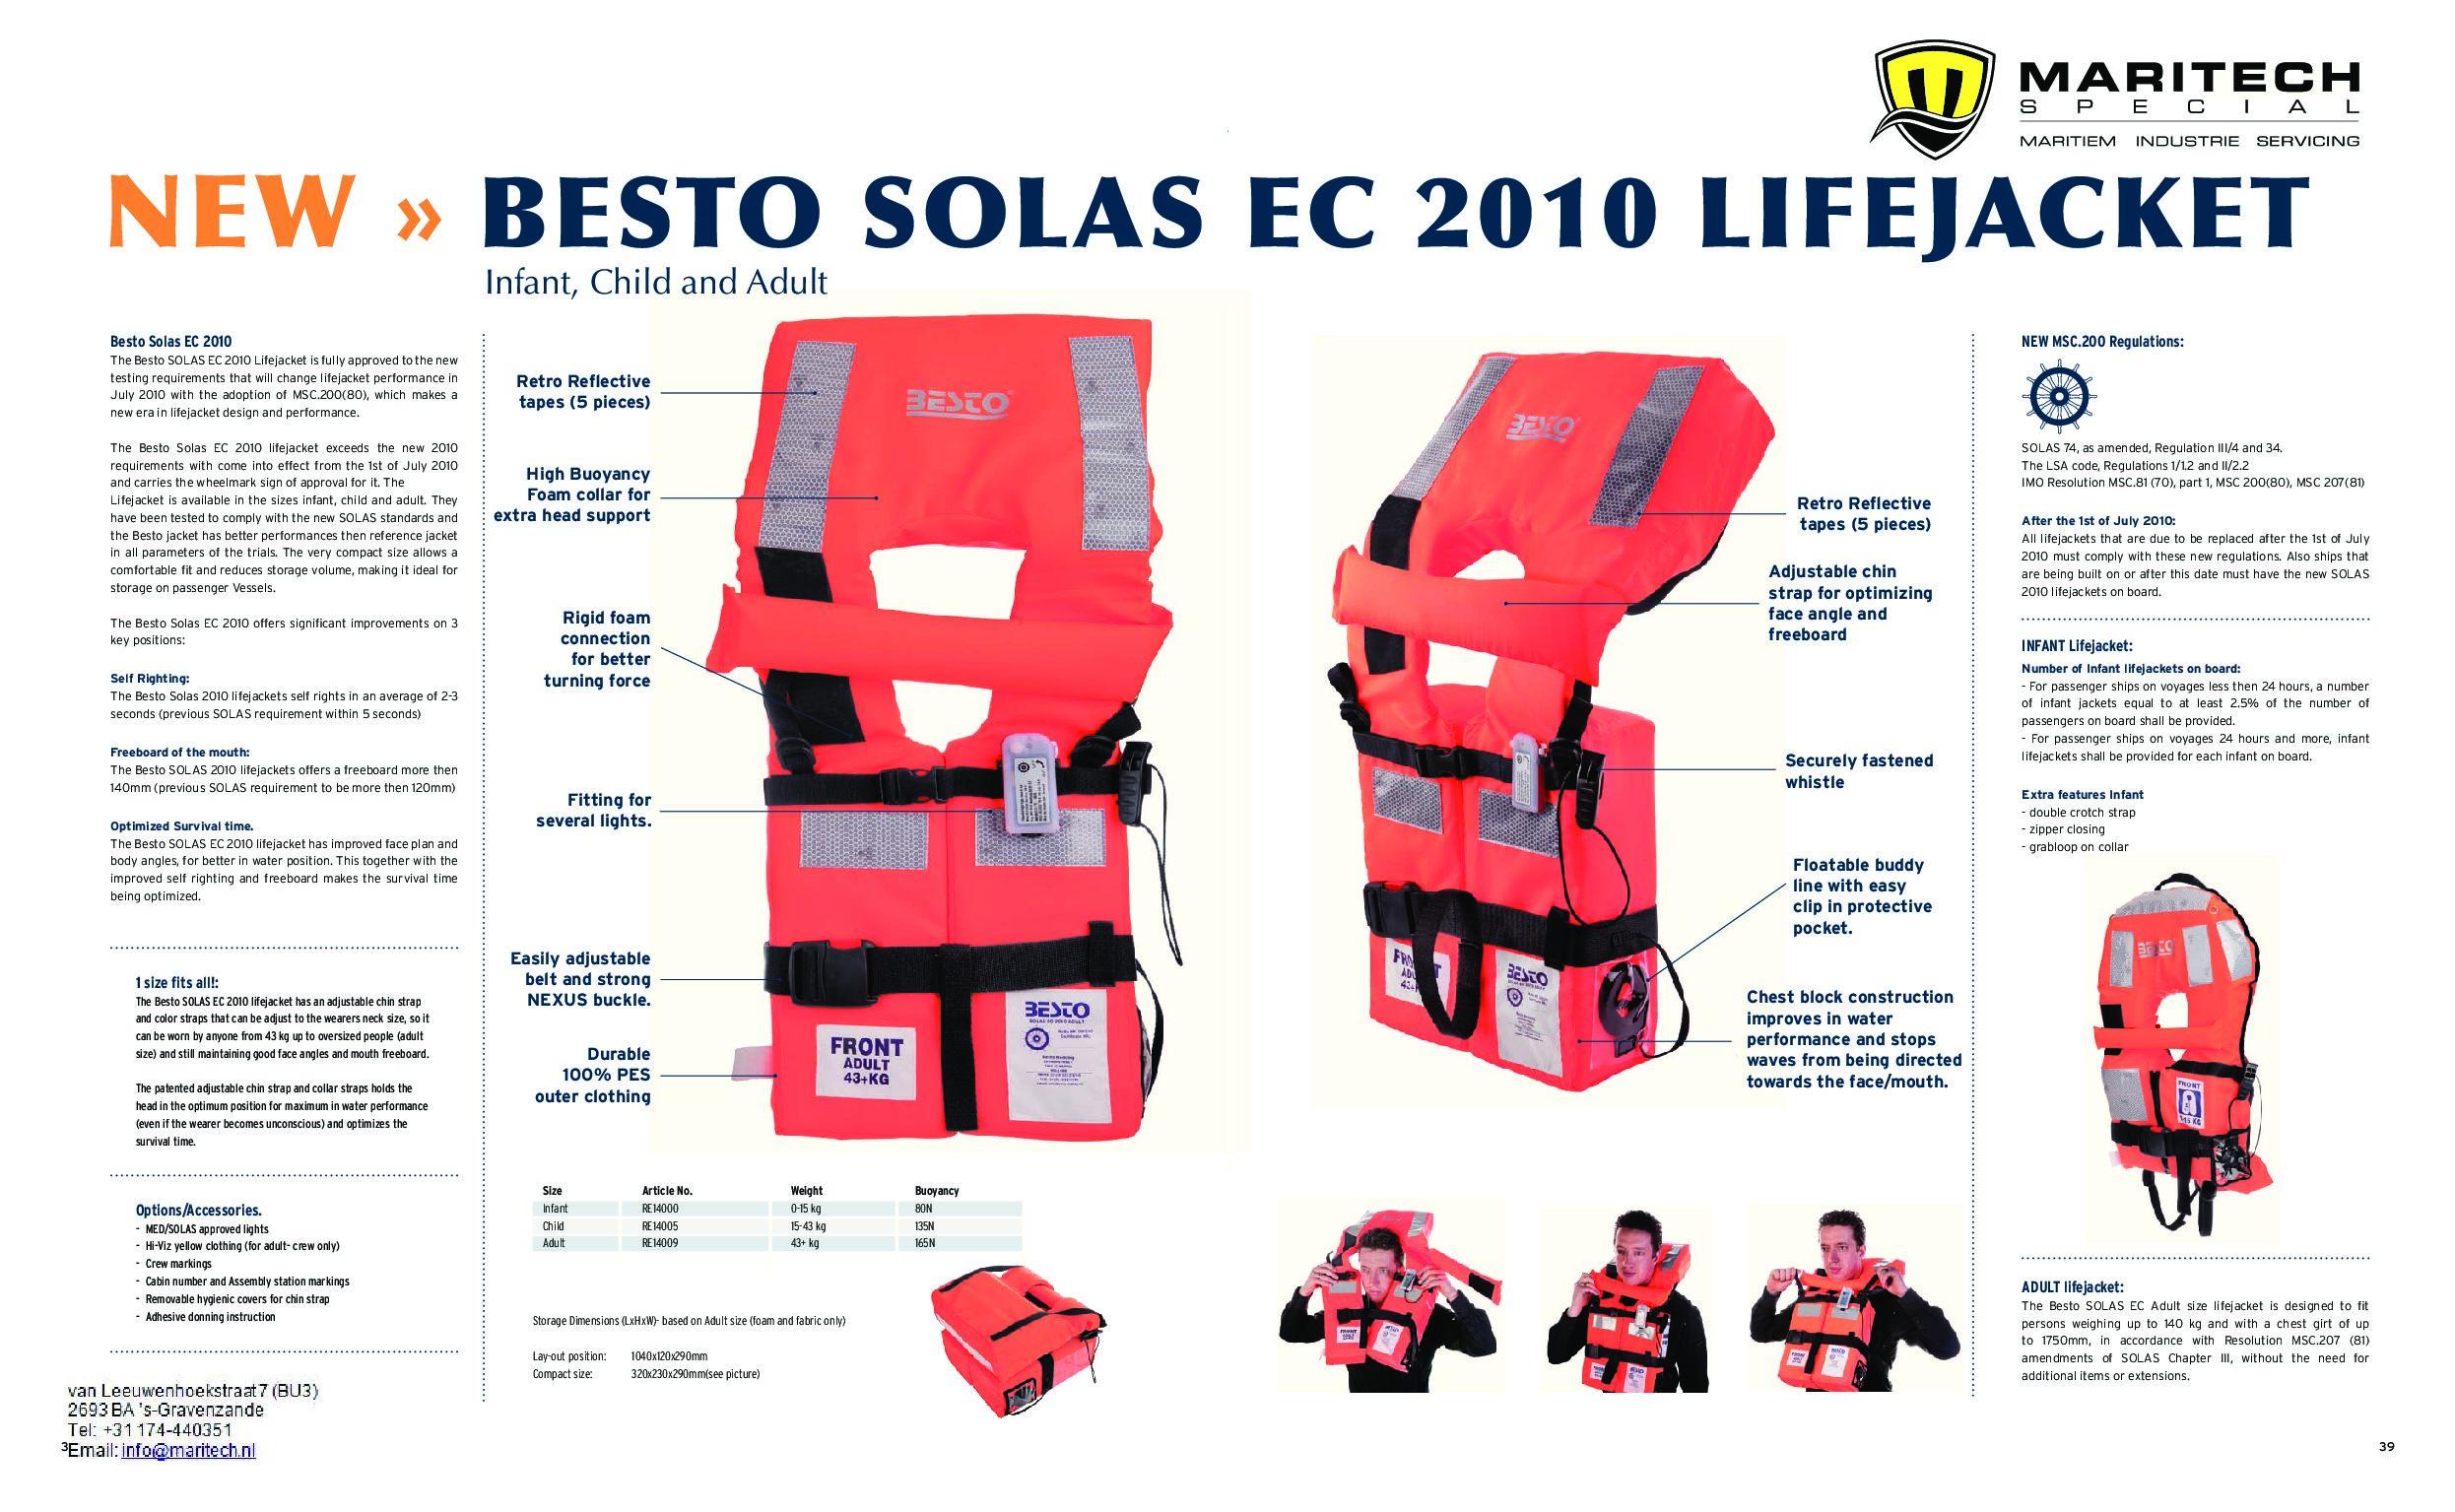 Besto_SOLAS_2010